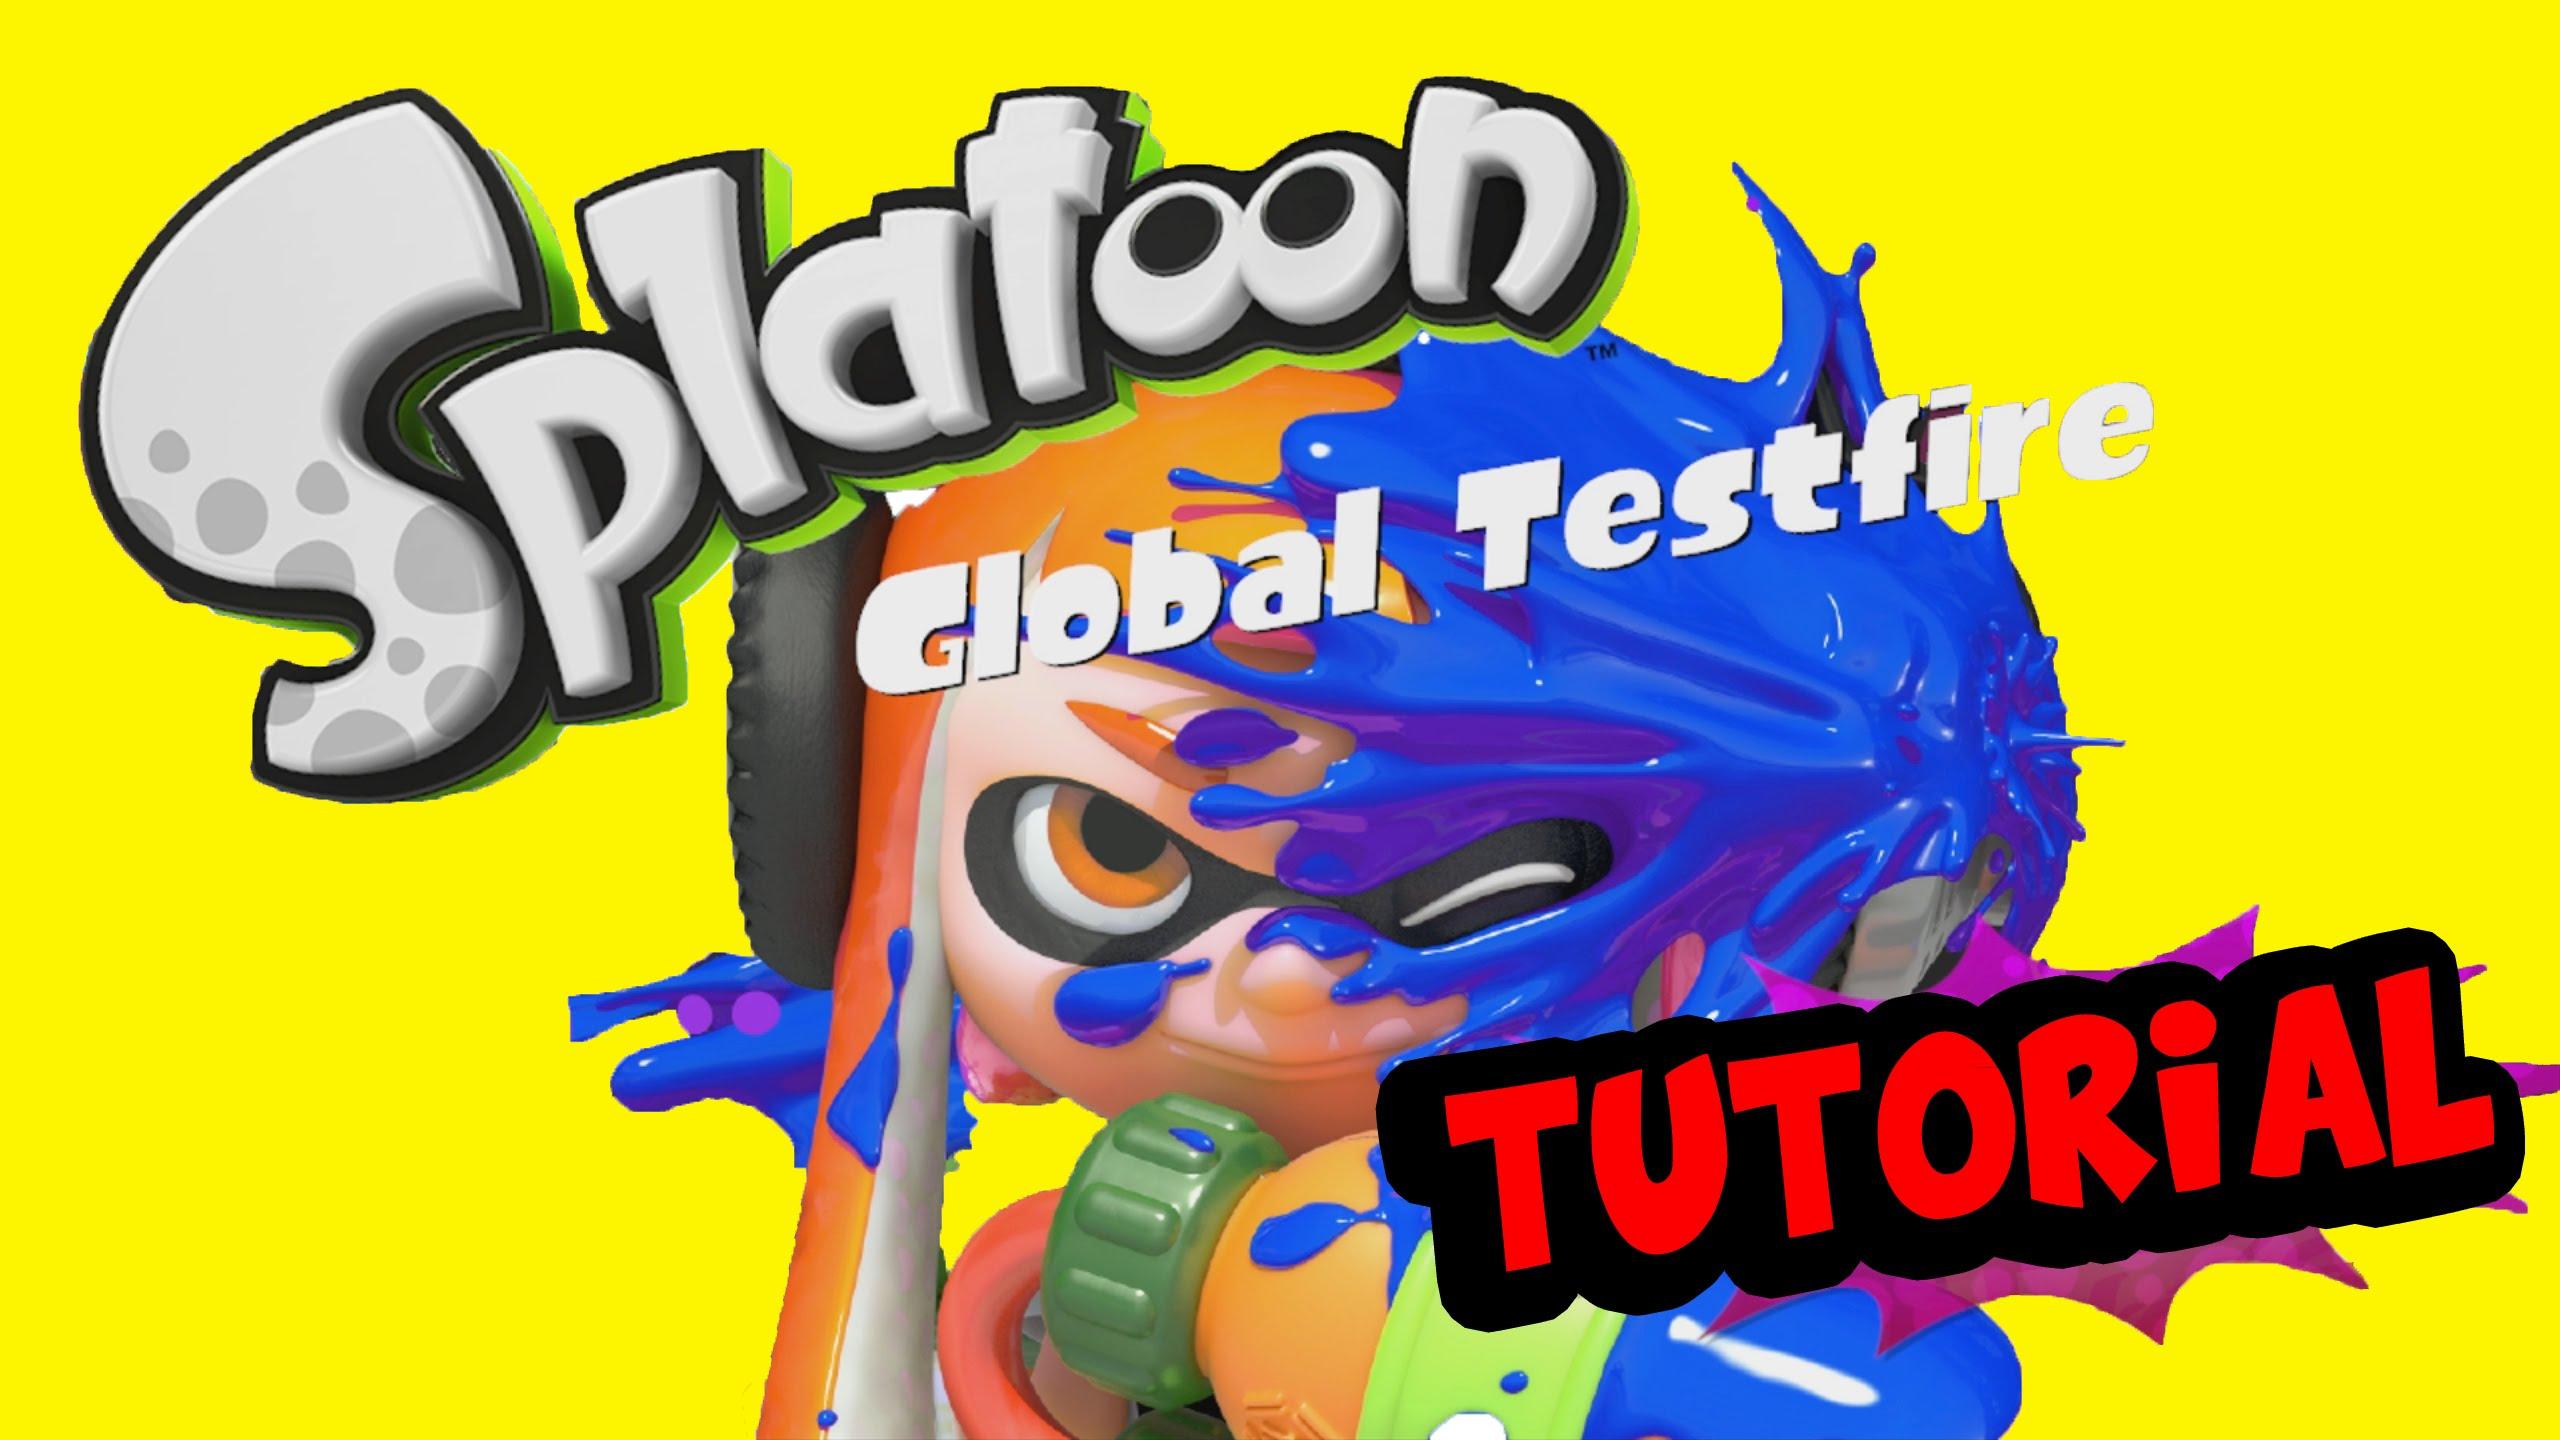 Splatoon Global Testfire: Tutorial (1080p/60fps).